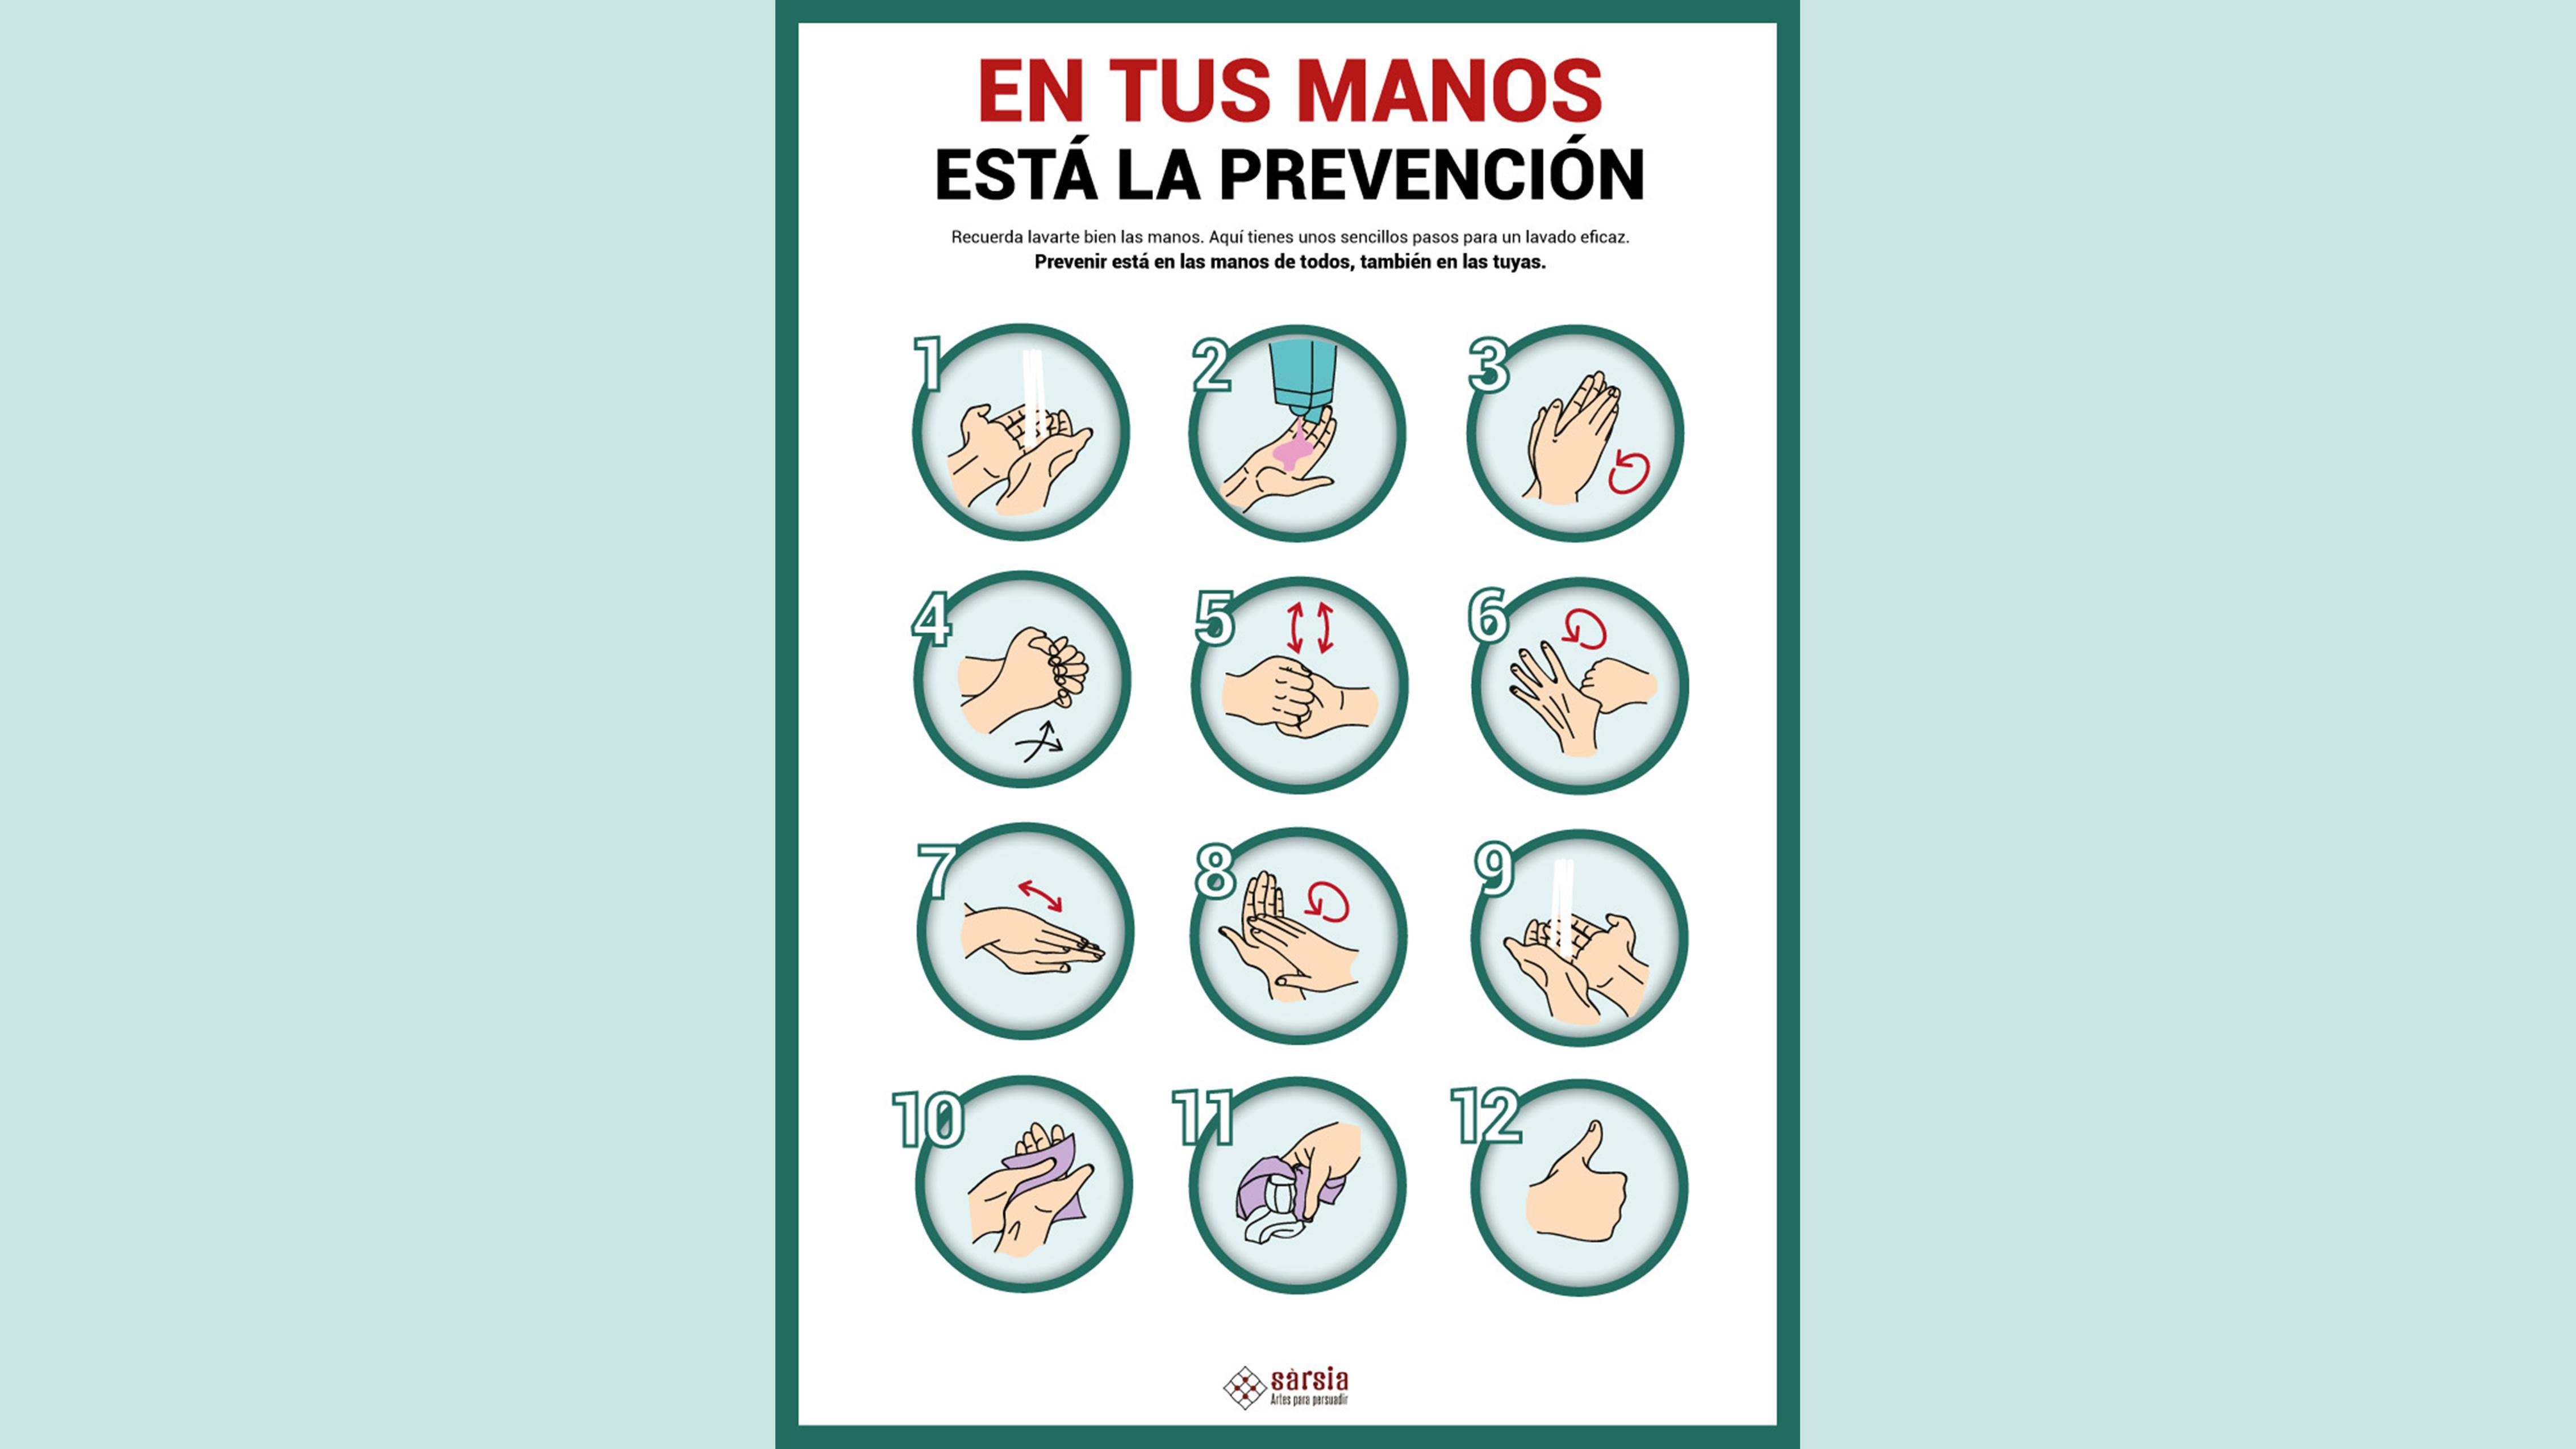 cartel cómo lavar las manos